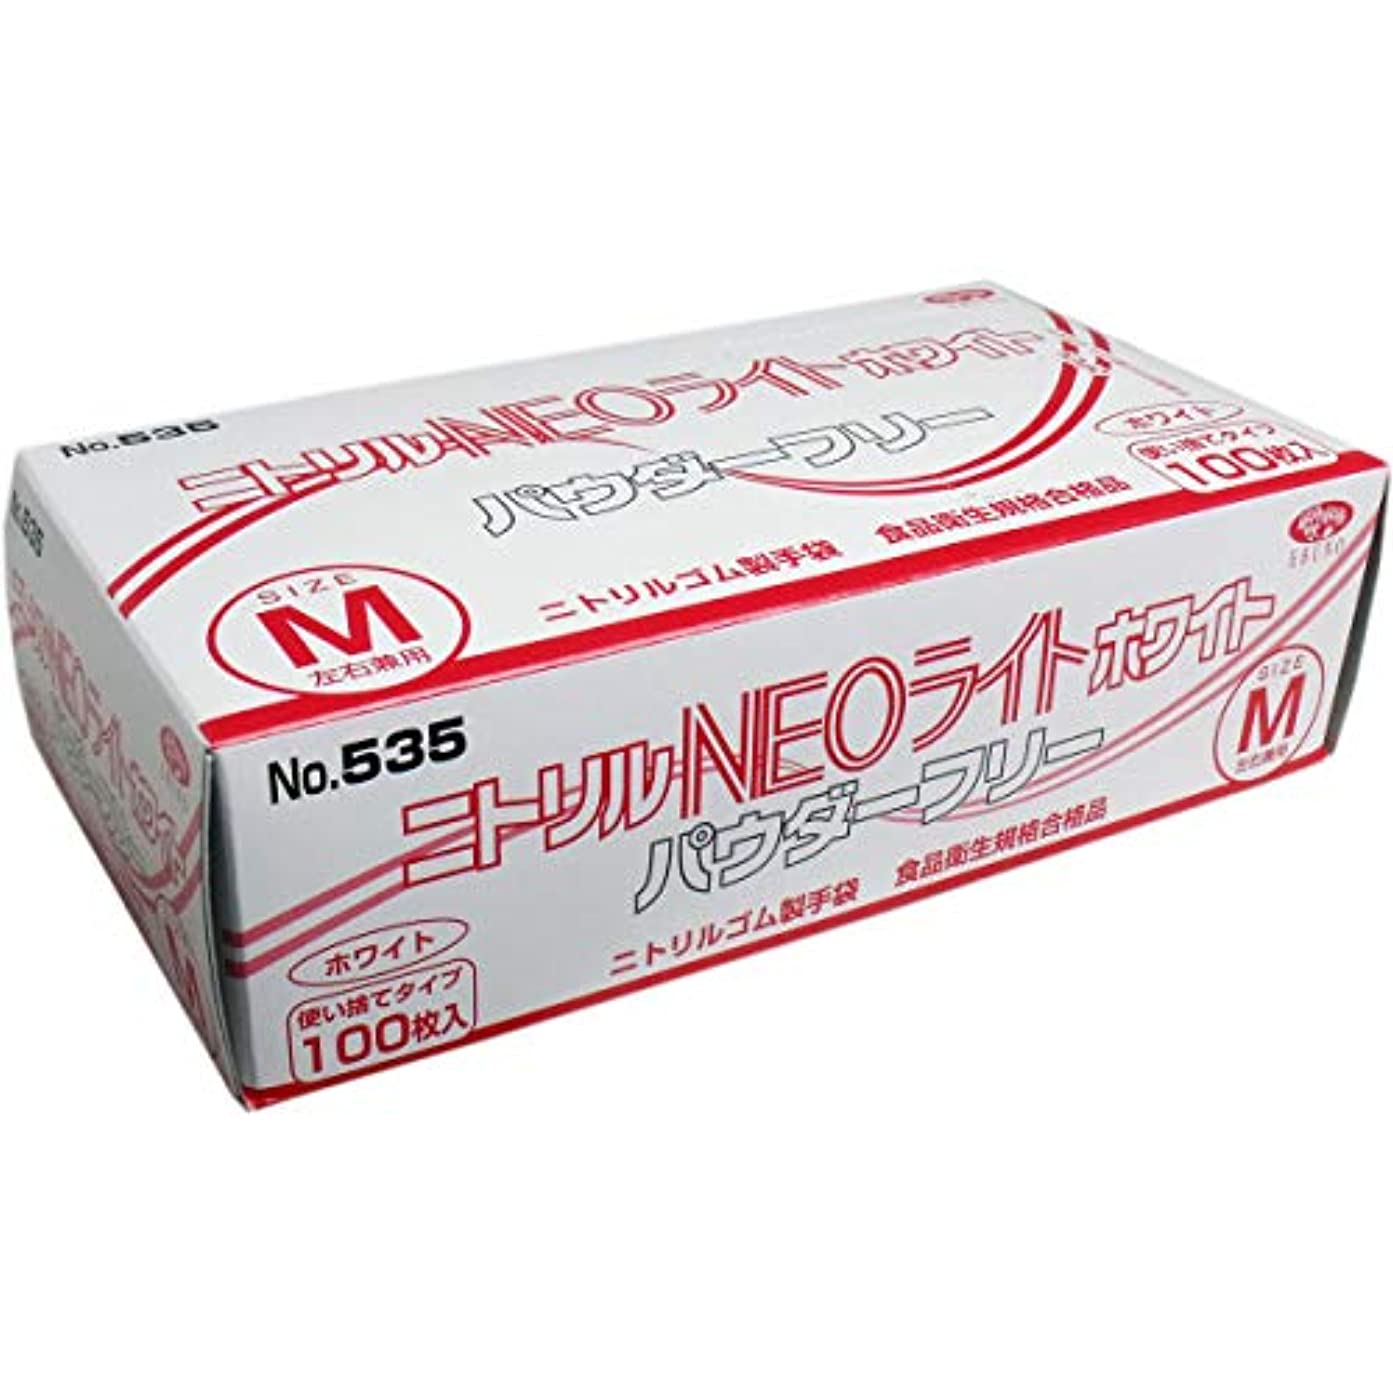 ニトリル手袋 NEOライト パウダーフリー ホワイト Mサイズ 100枚入×10個セット